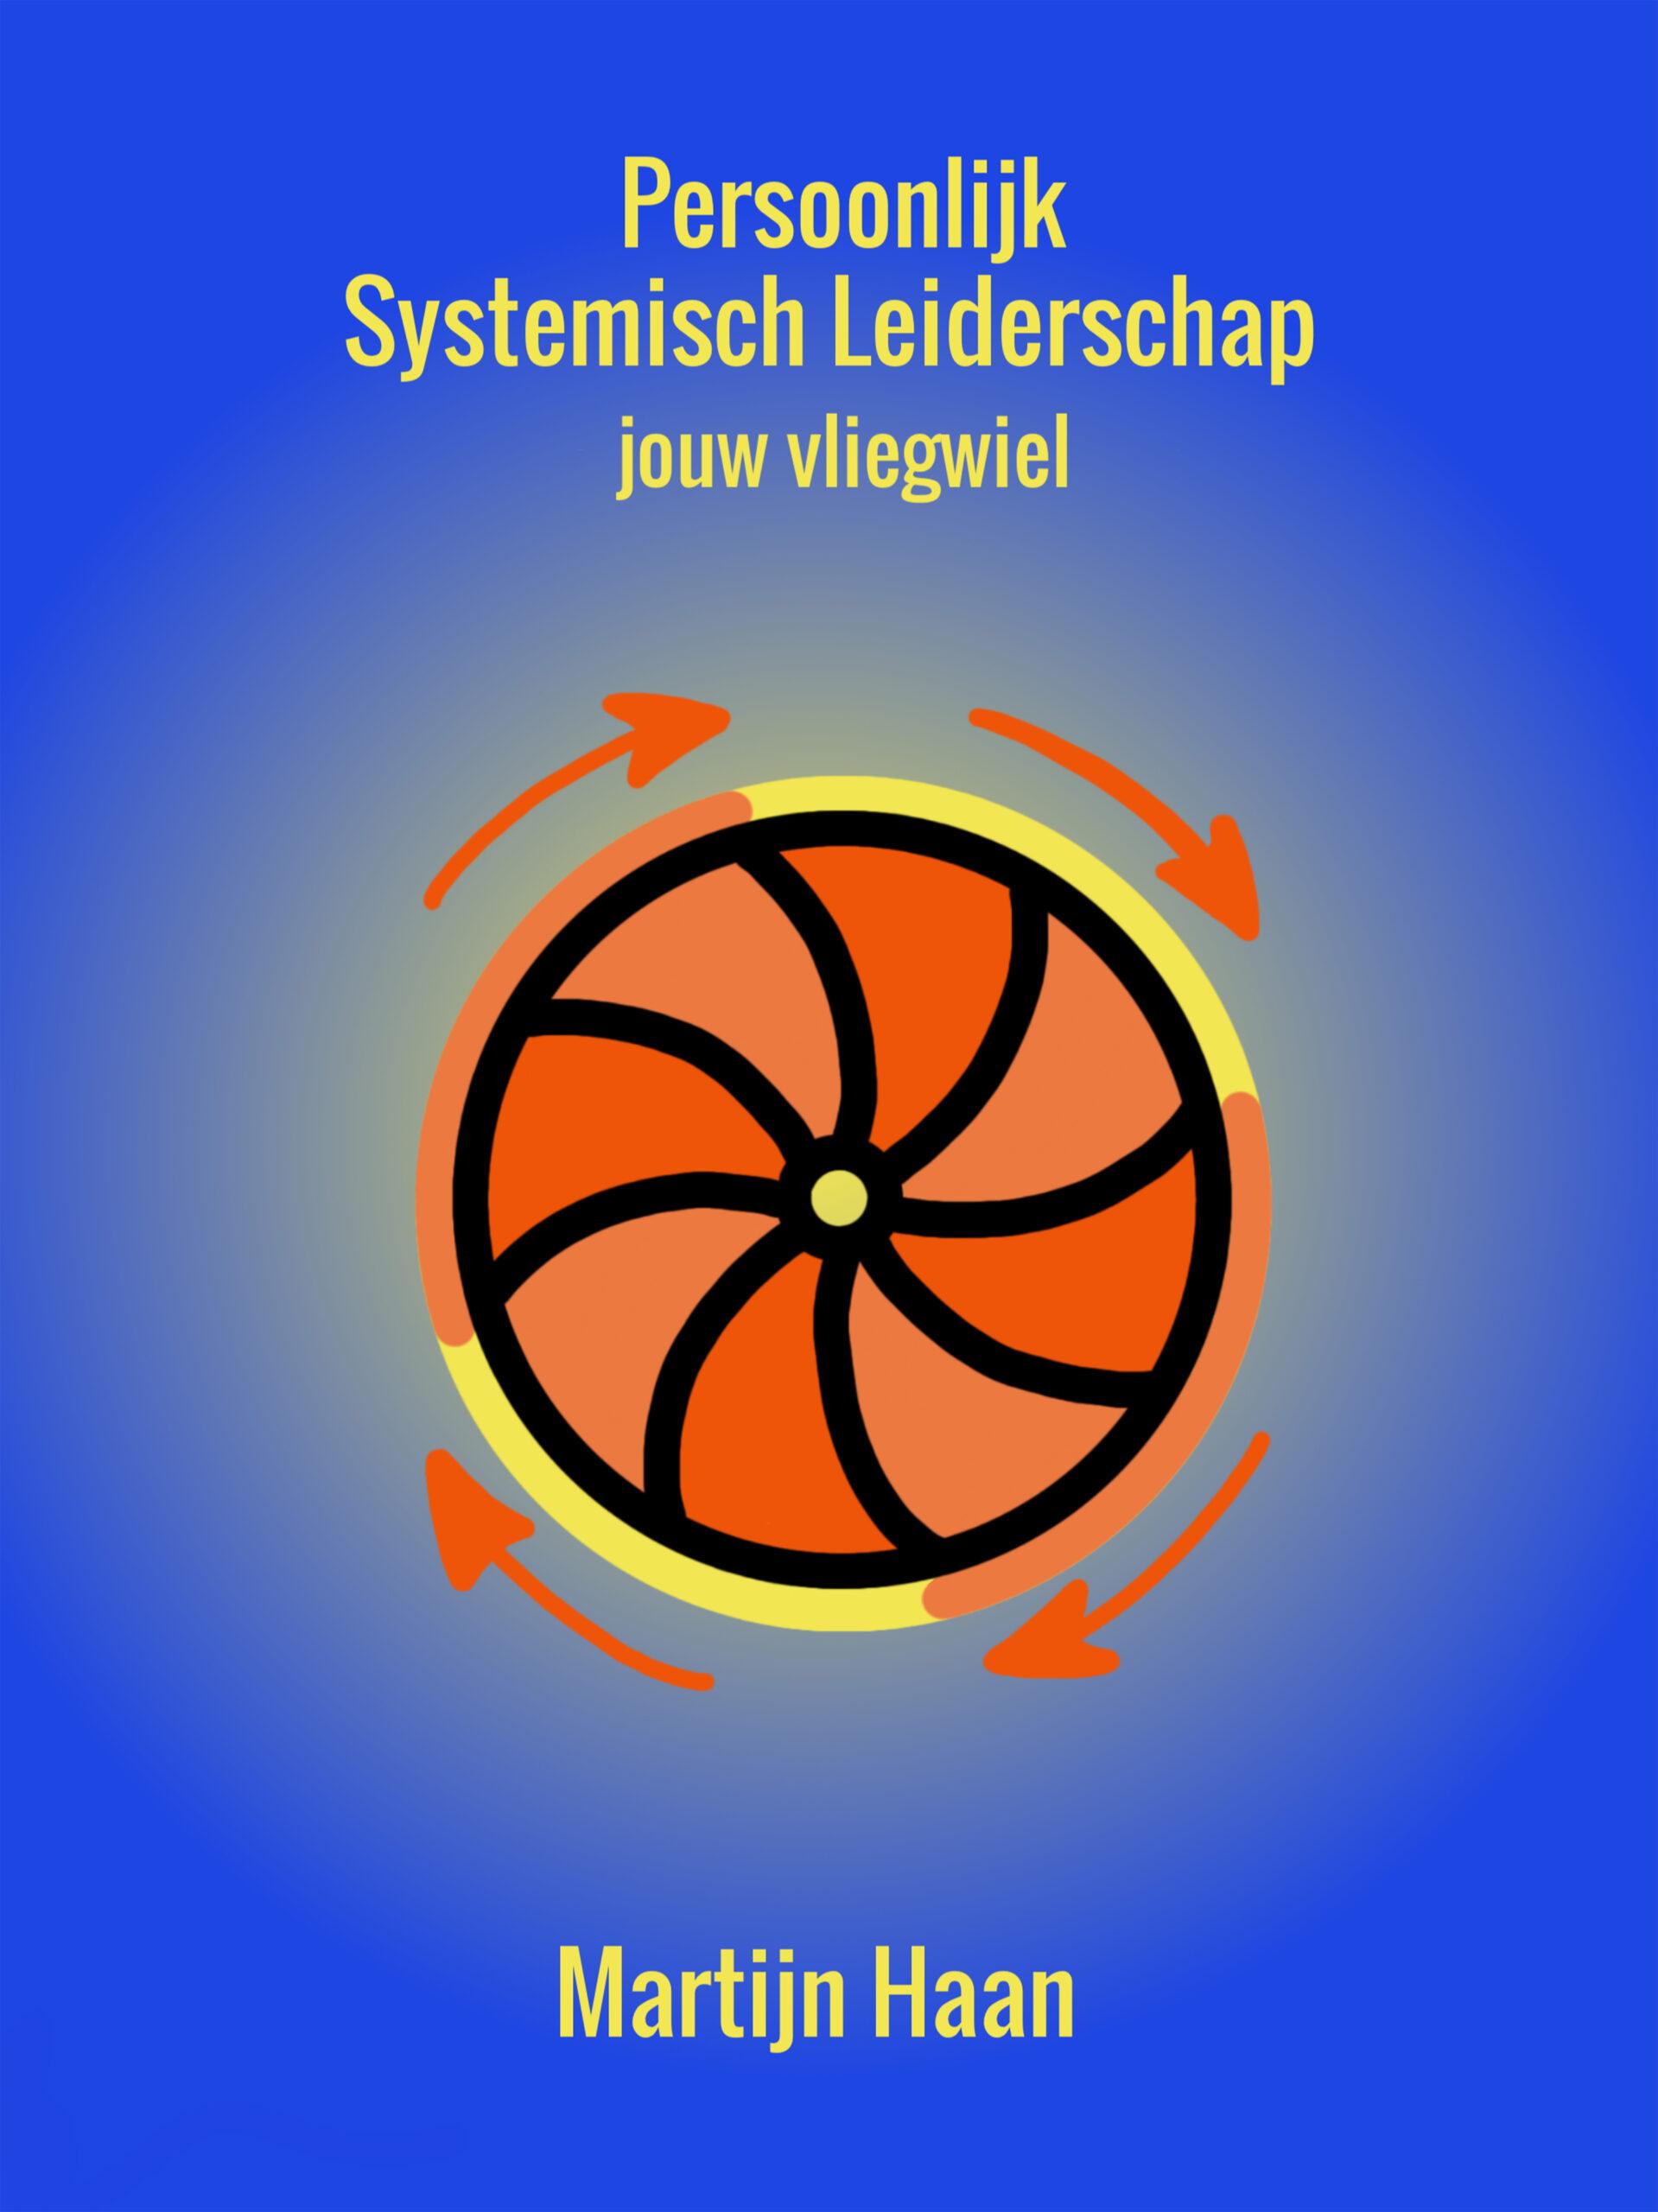 persoonlijk systemisch leiderschap